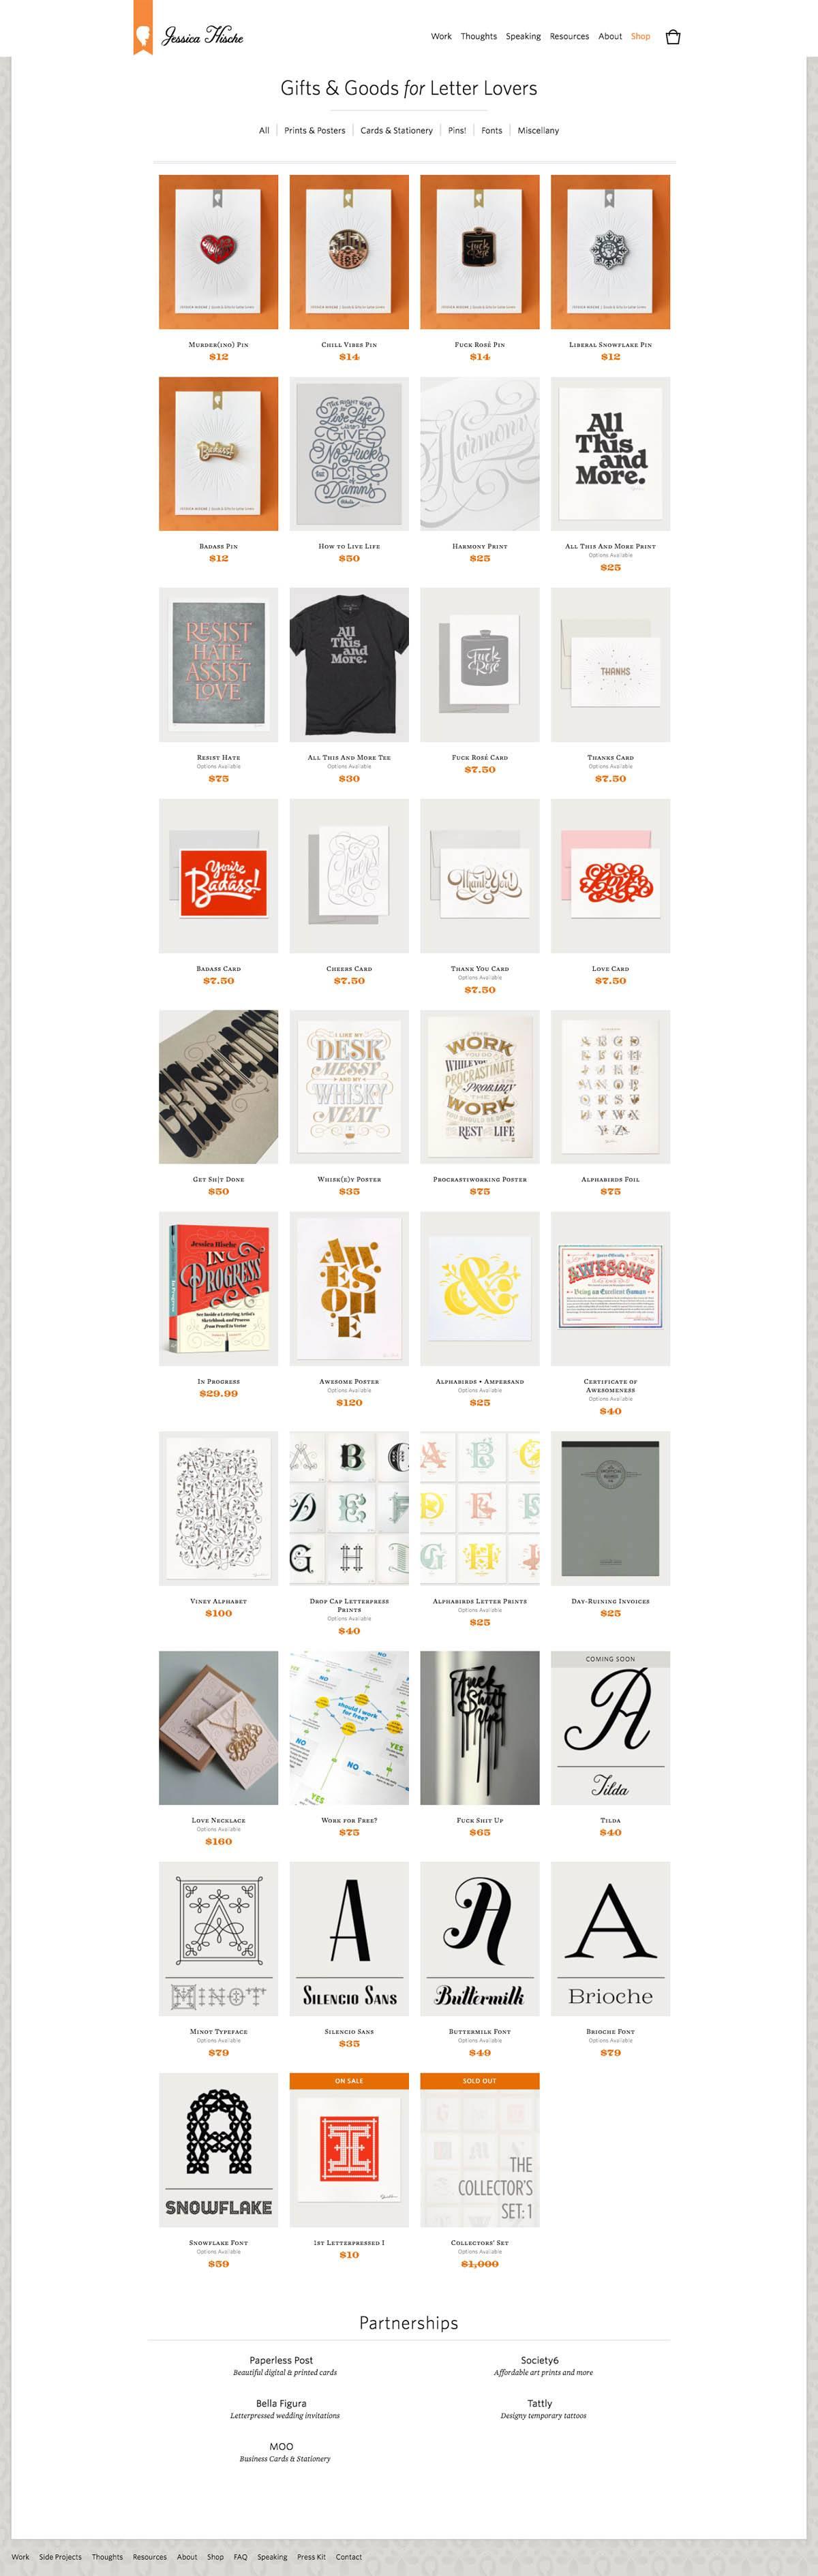 eCommerce website: Jessica Hische